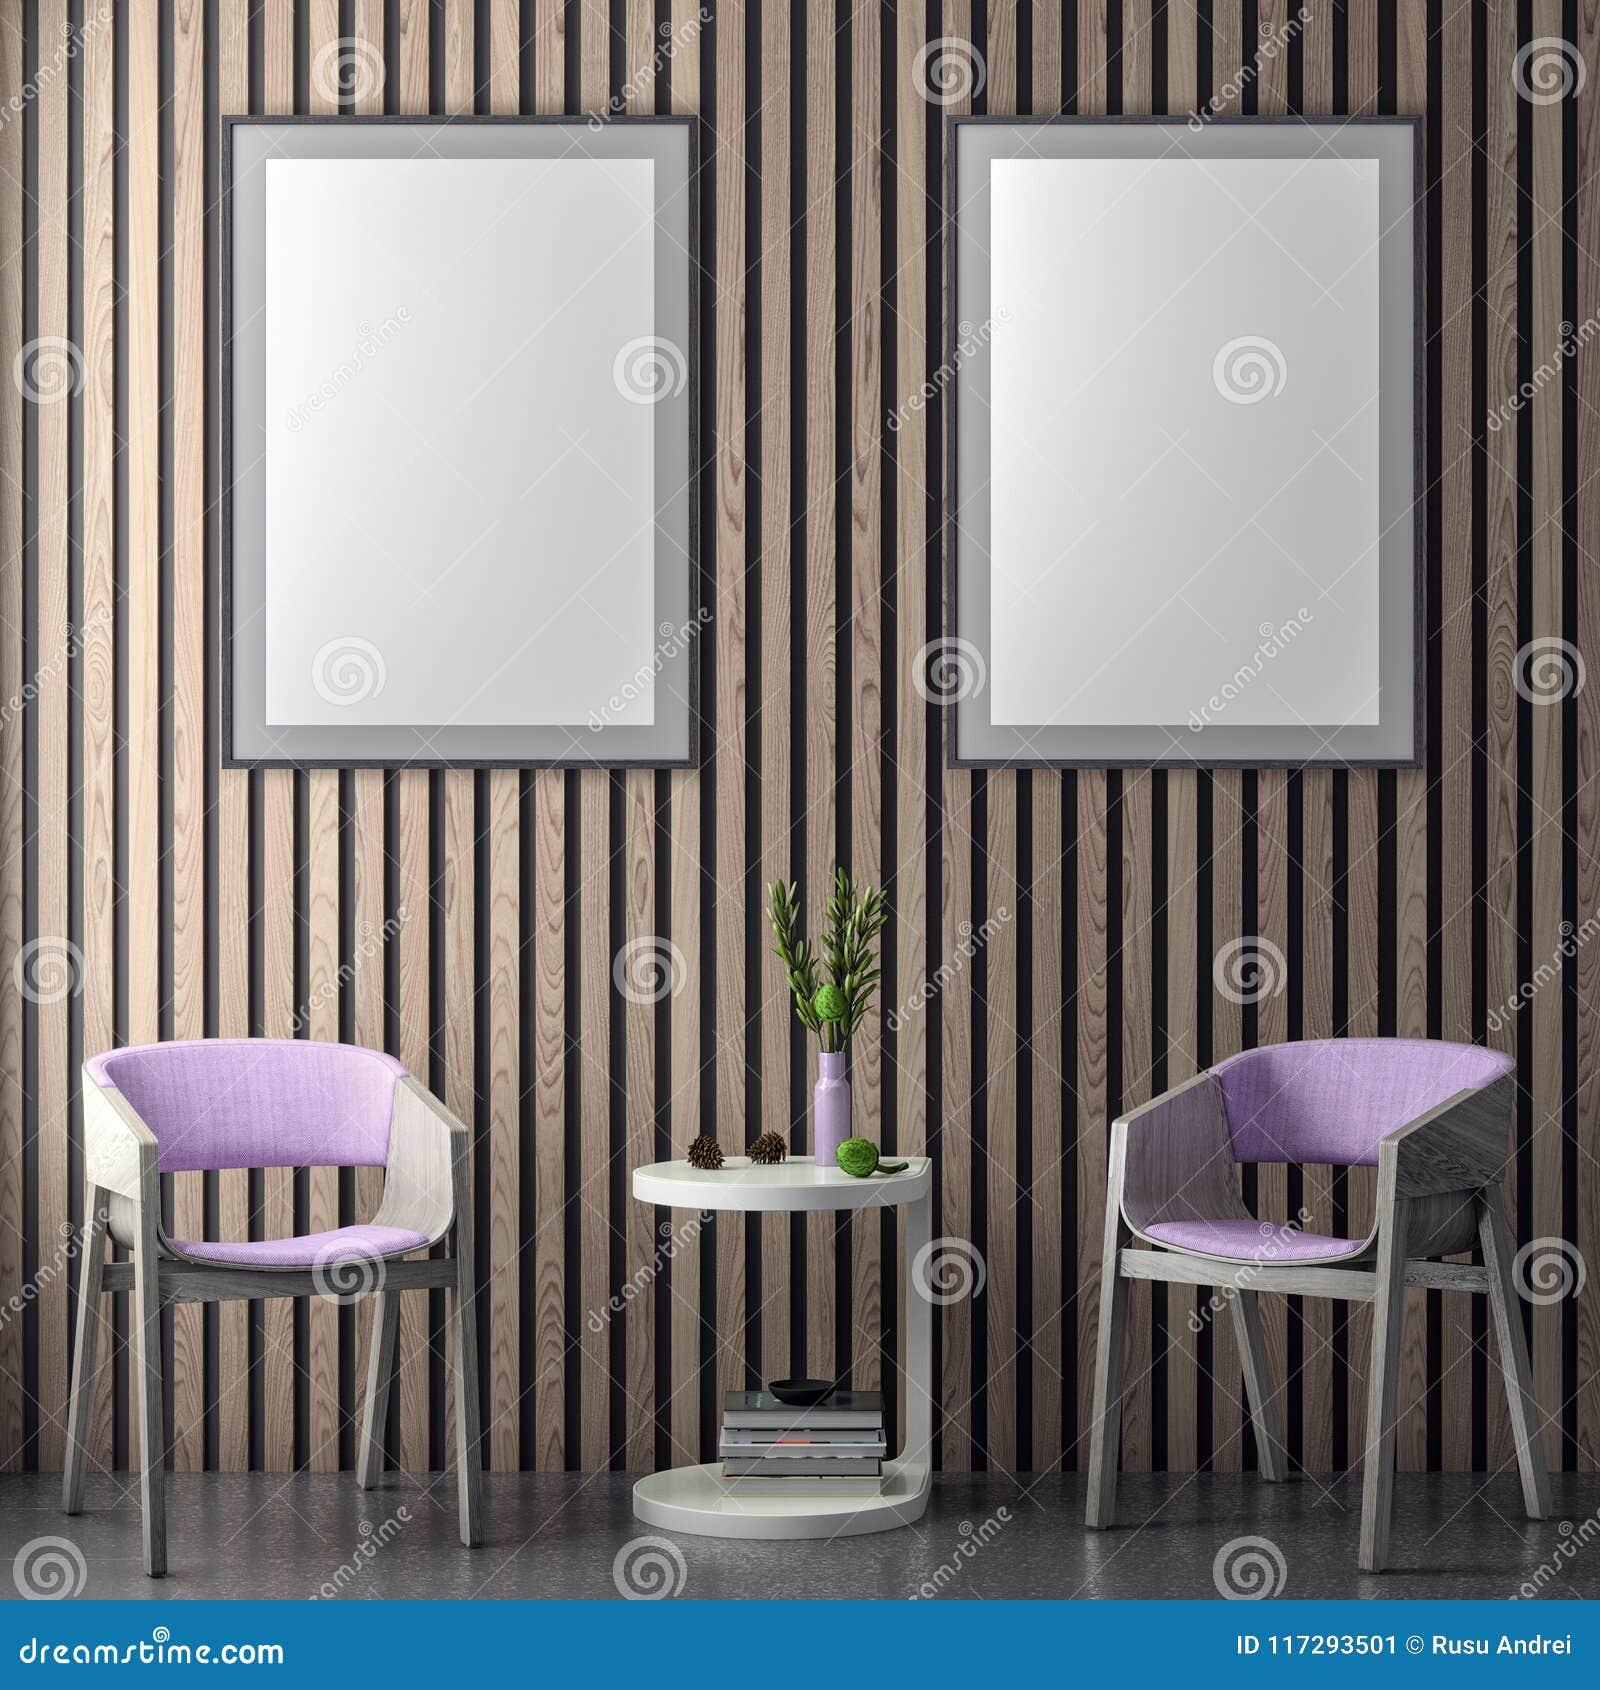 Imite encima de marco del cartel en fondo interior del inconformista en los tablones rosados del color y maderas de la pared, eje